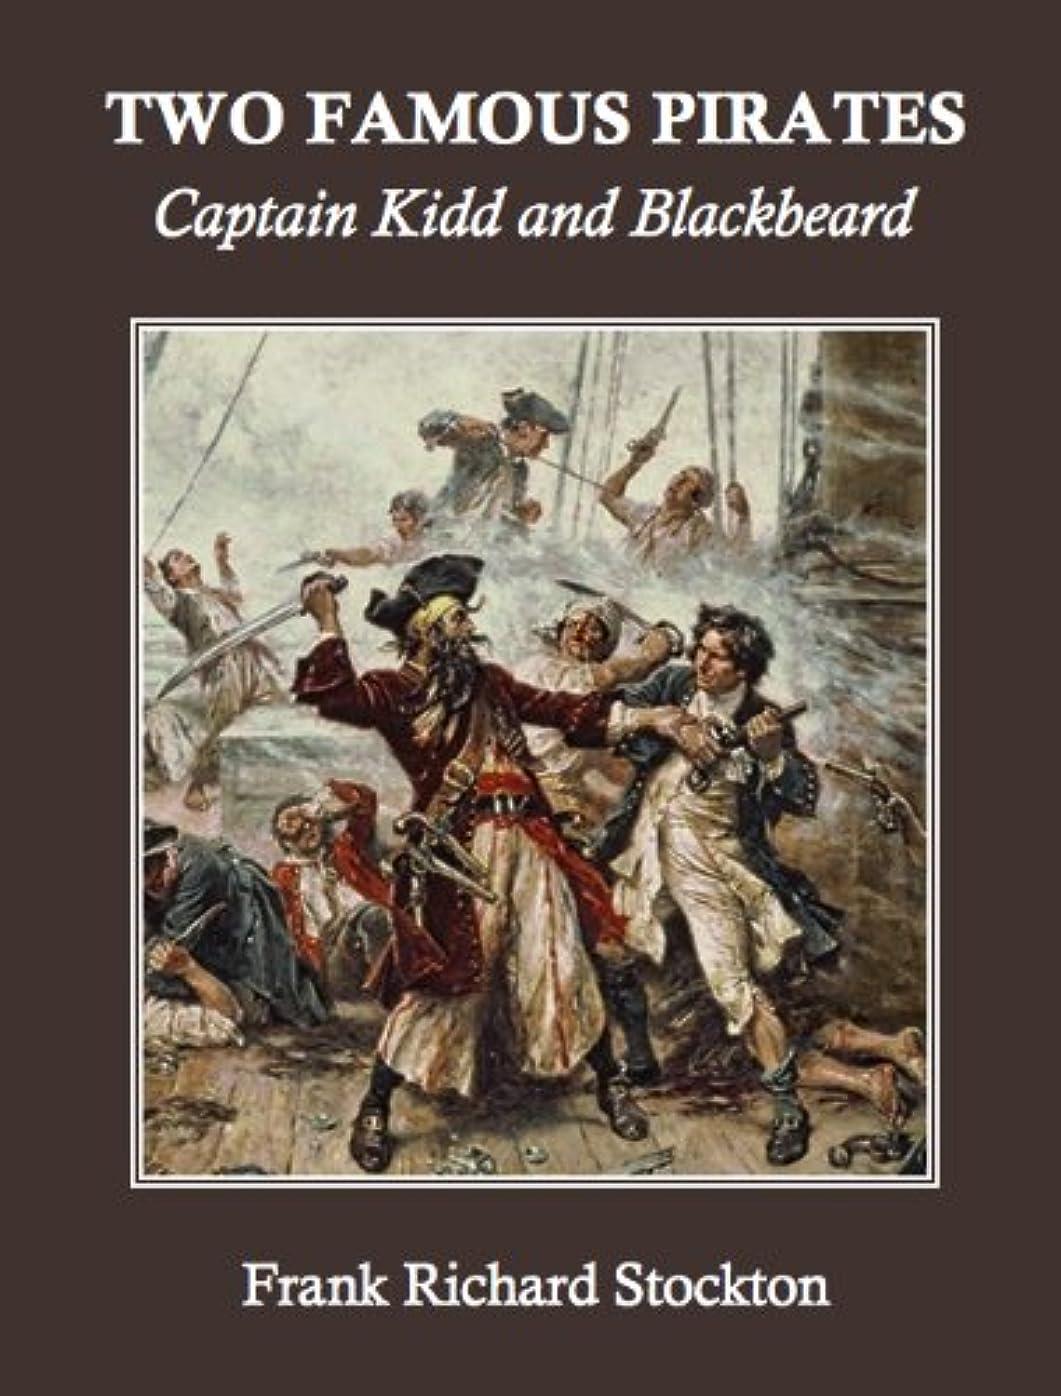 銅私達買い物に行くTwo Famous Pirates: Captain Kidd and Blackbeard (Annotated) (English Edition)